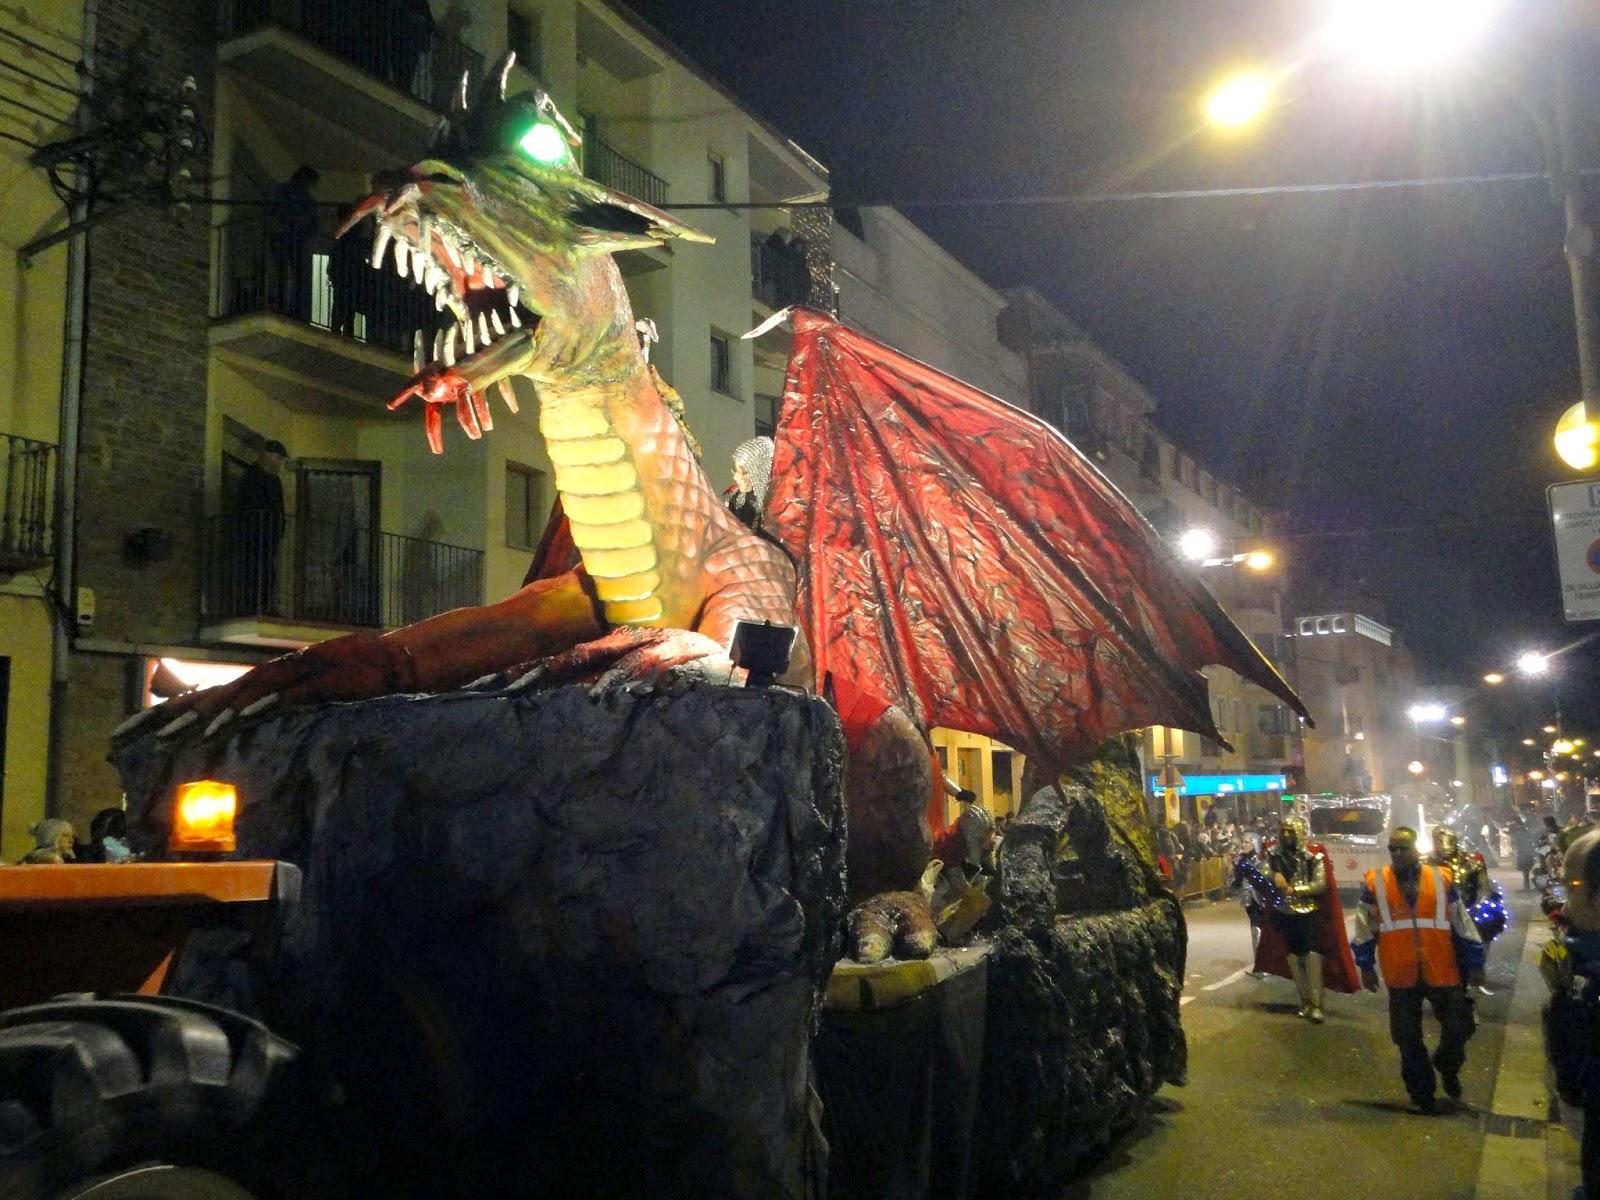 Artesa de segre rebost del montsec gran carnaval a agramunt - Fusteria manel ...